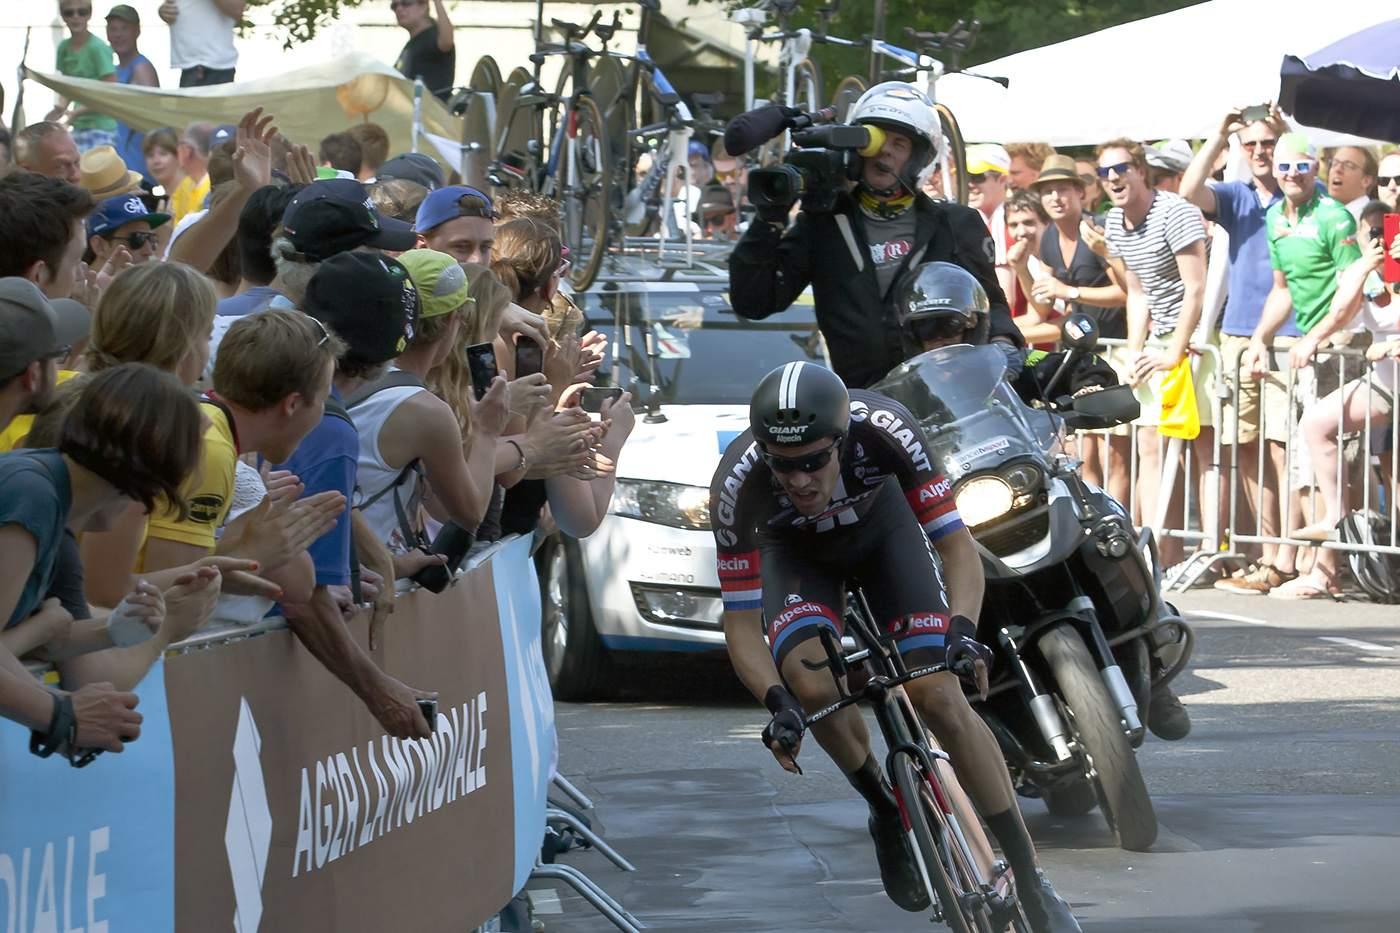 tour france 2015 pictures2 Tour de France 2015 in Pictures